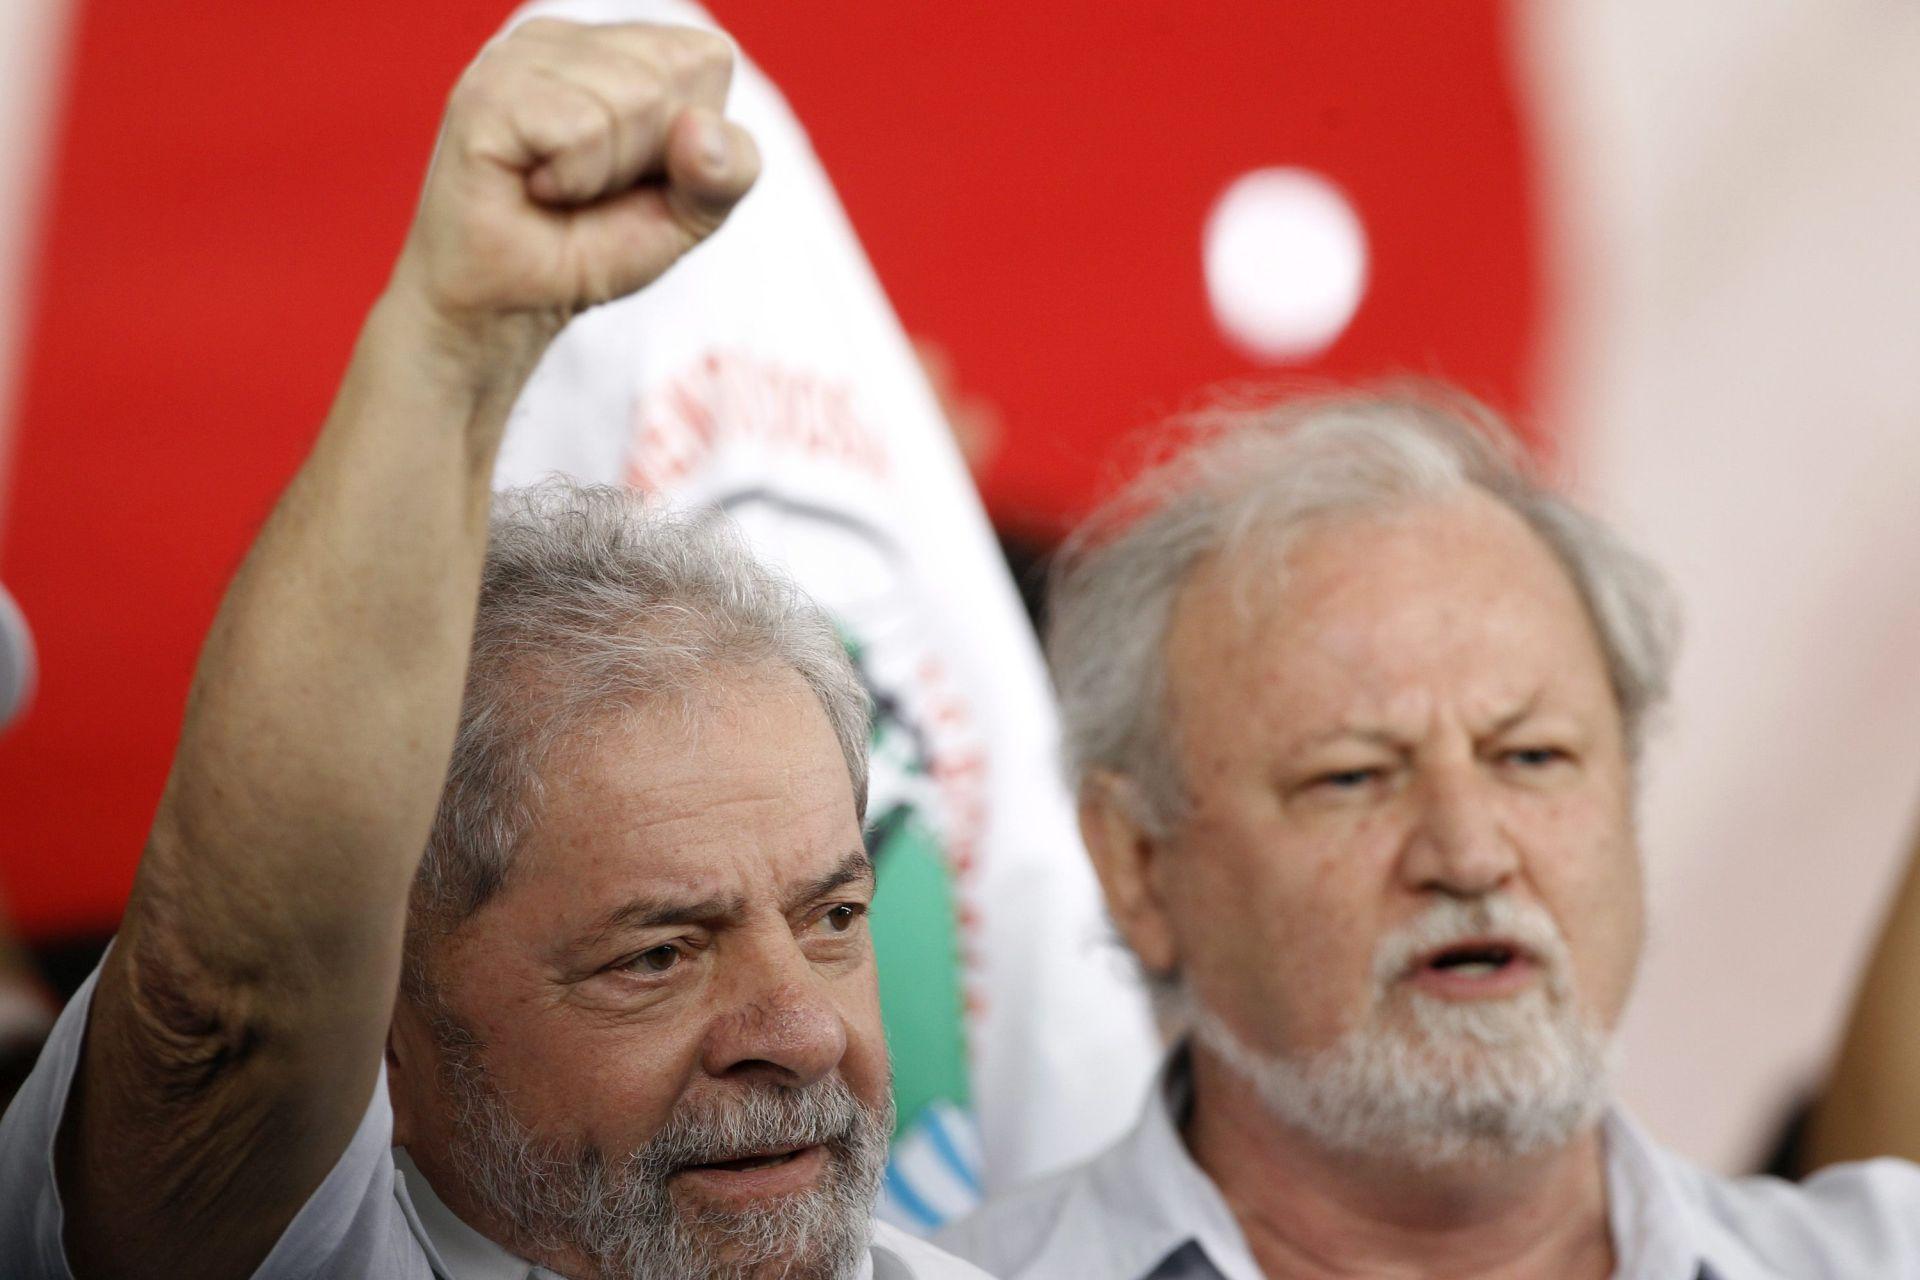 SLUČAJ PETROBRAS Bivšem brazilskom predsjedniku sudit će se zbog ometanja pravosuđa